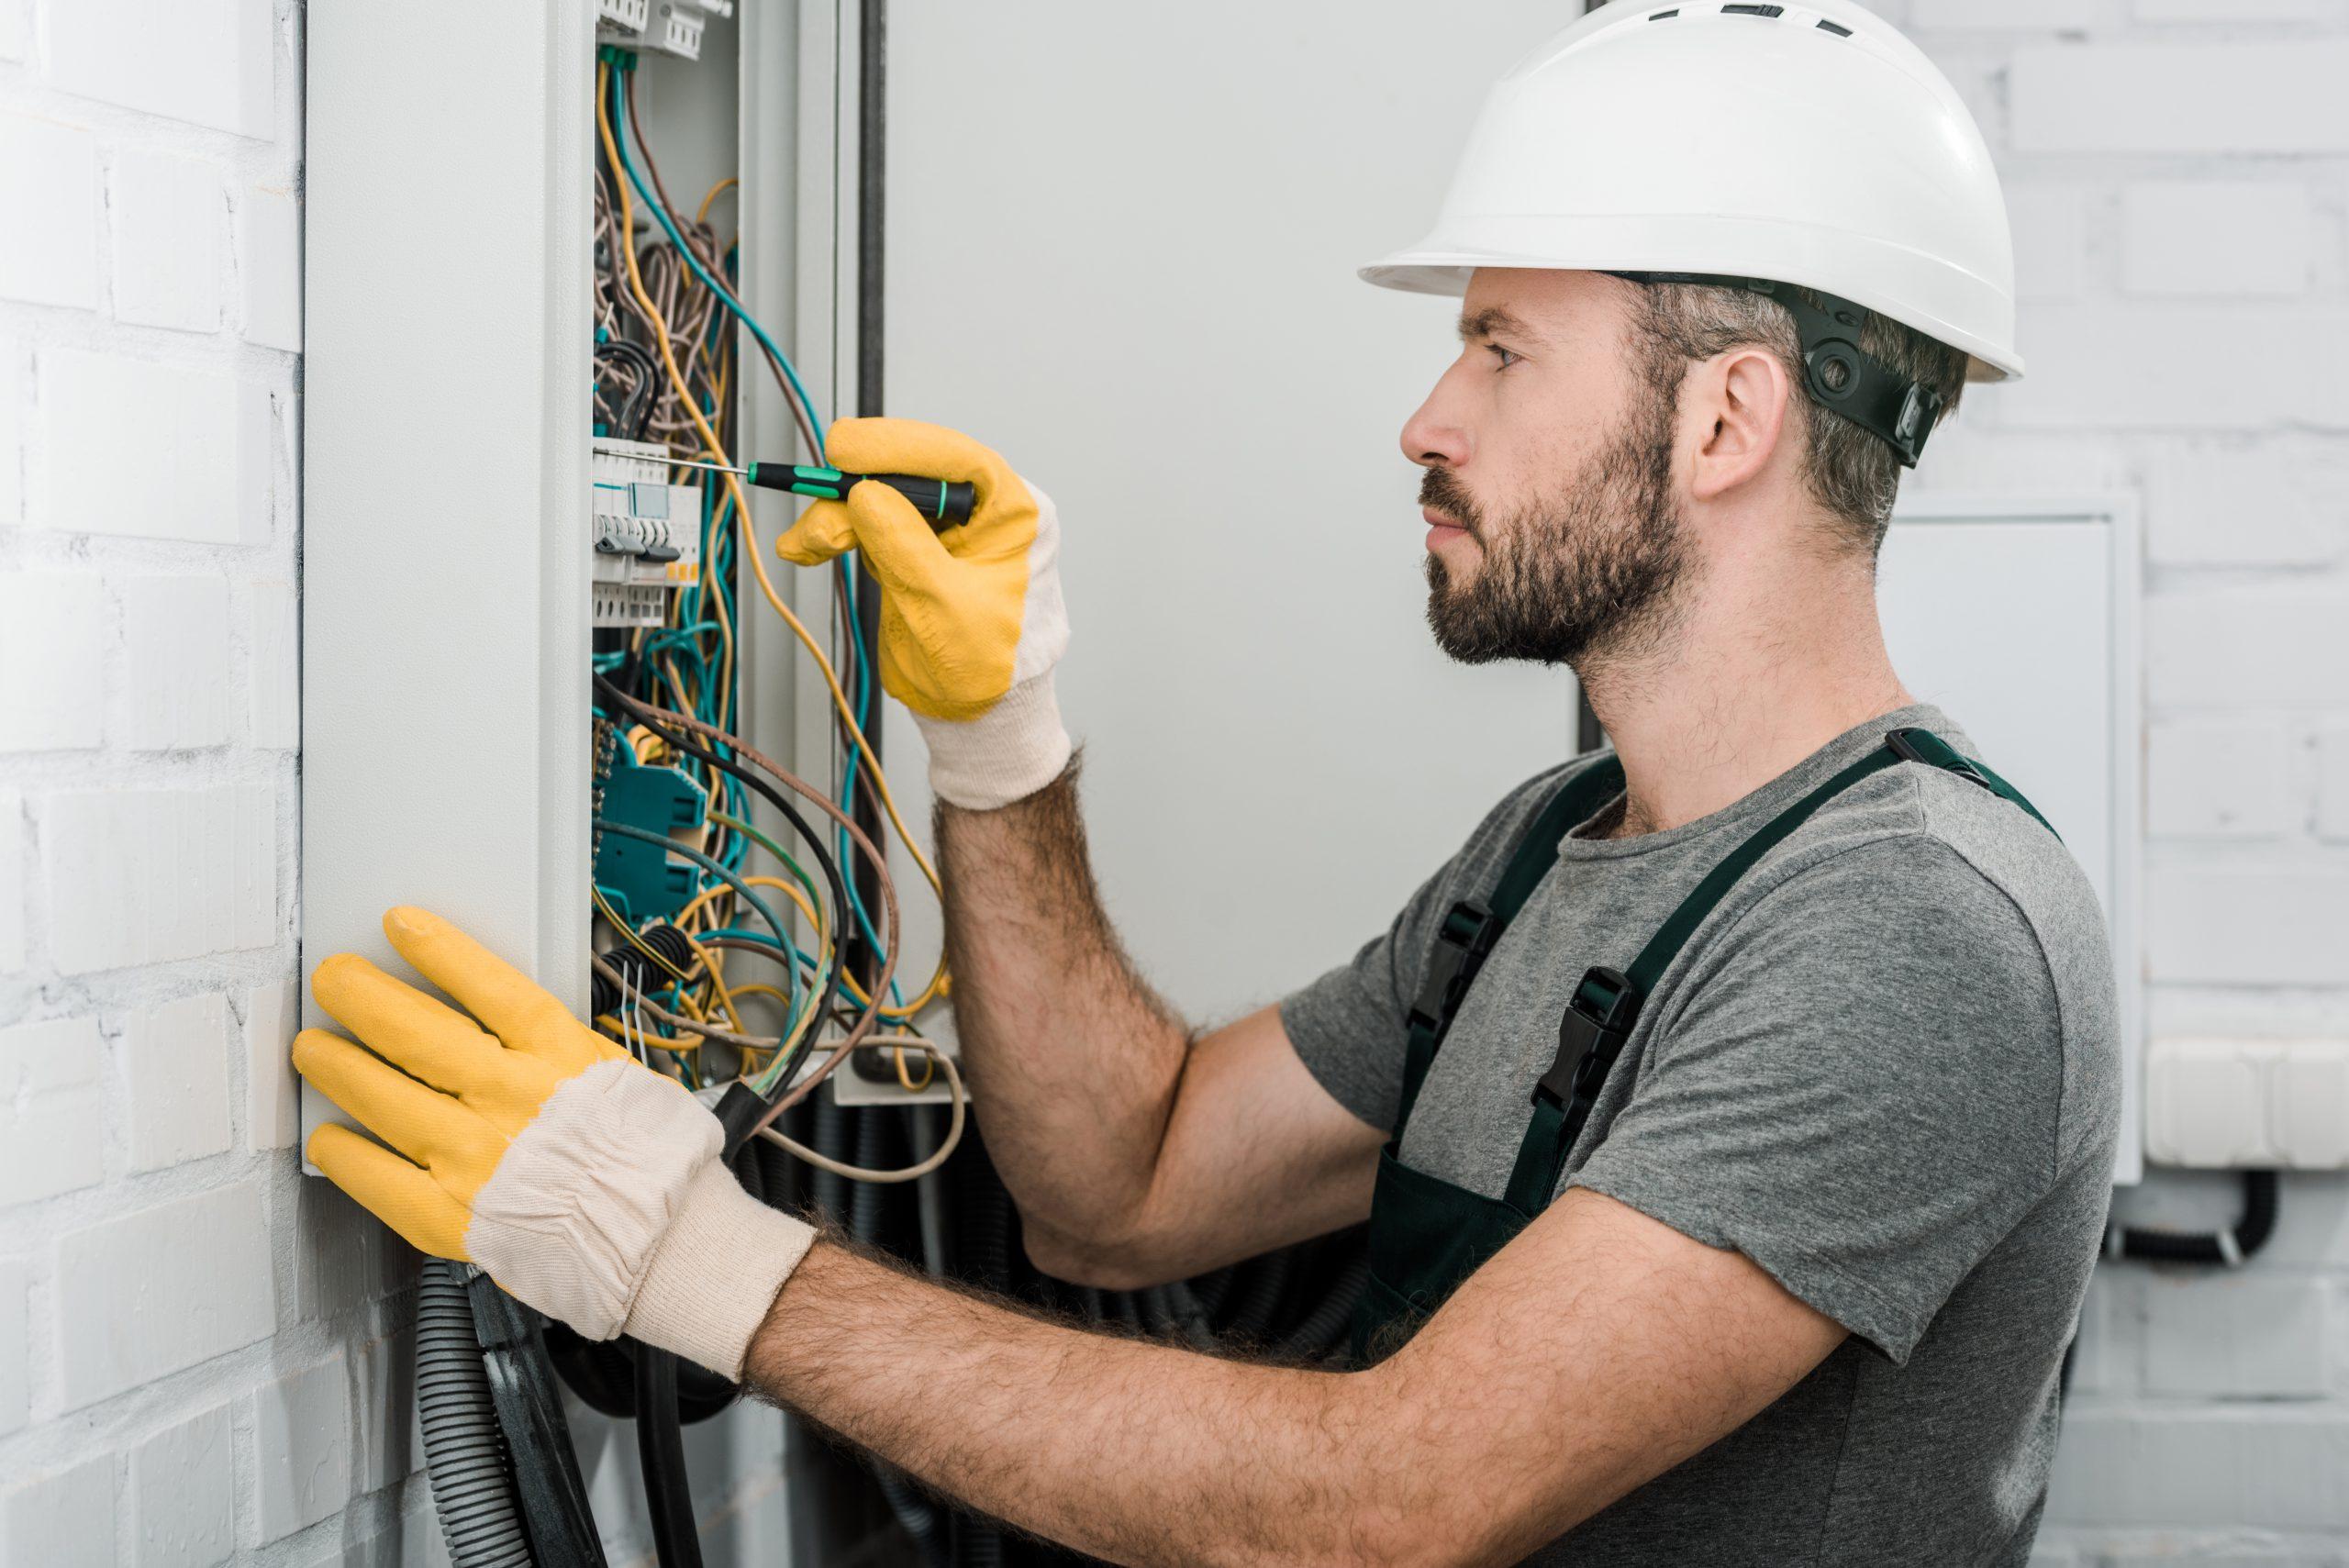 Électricien qui travaille dans un panneau électrique